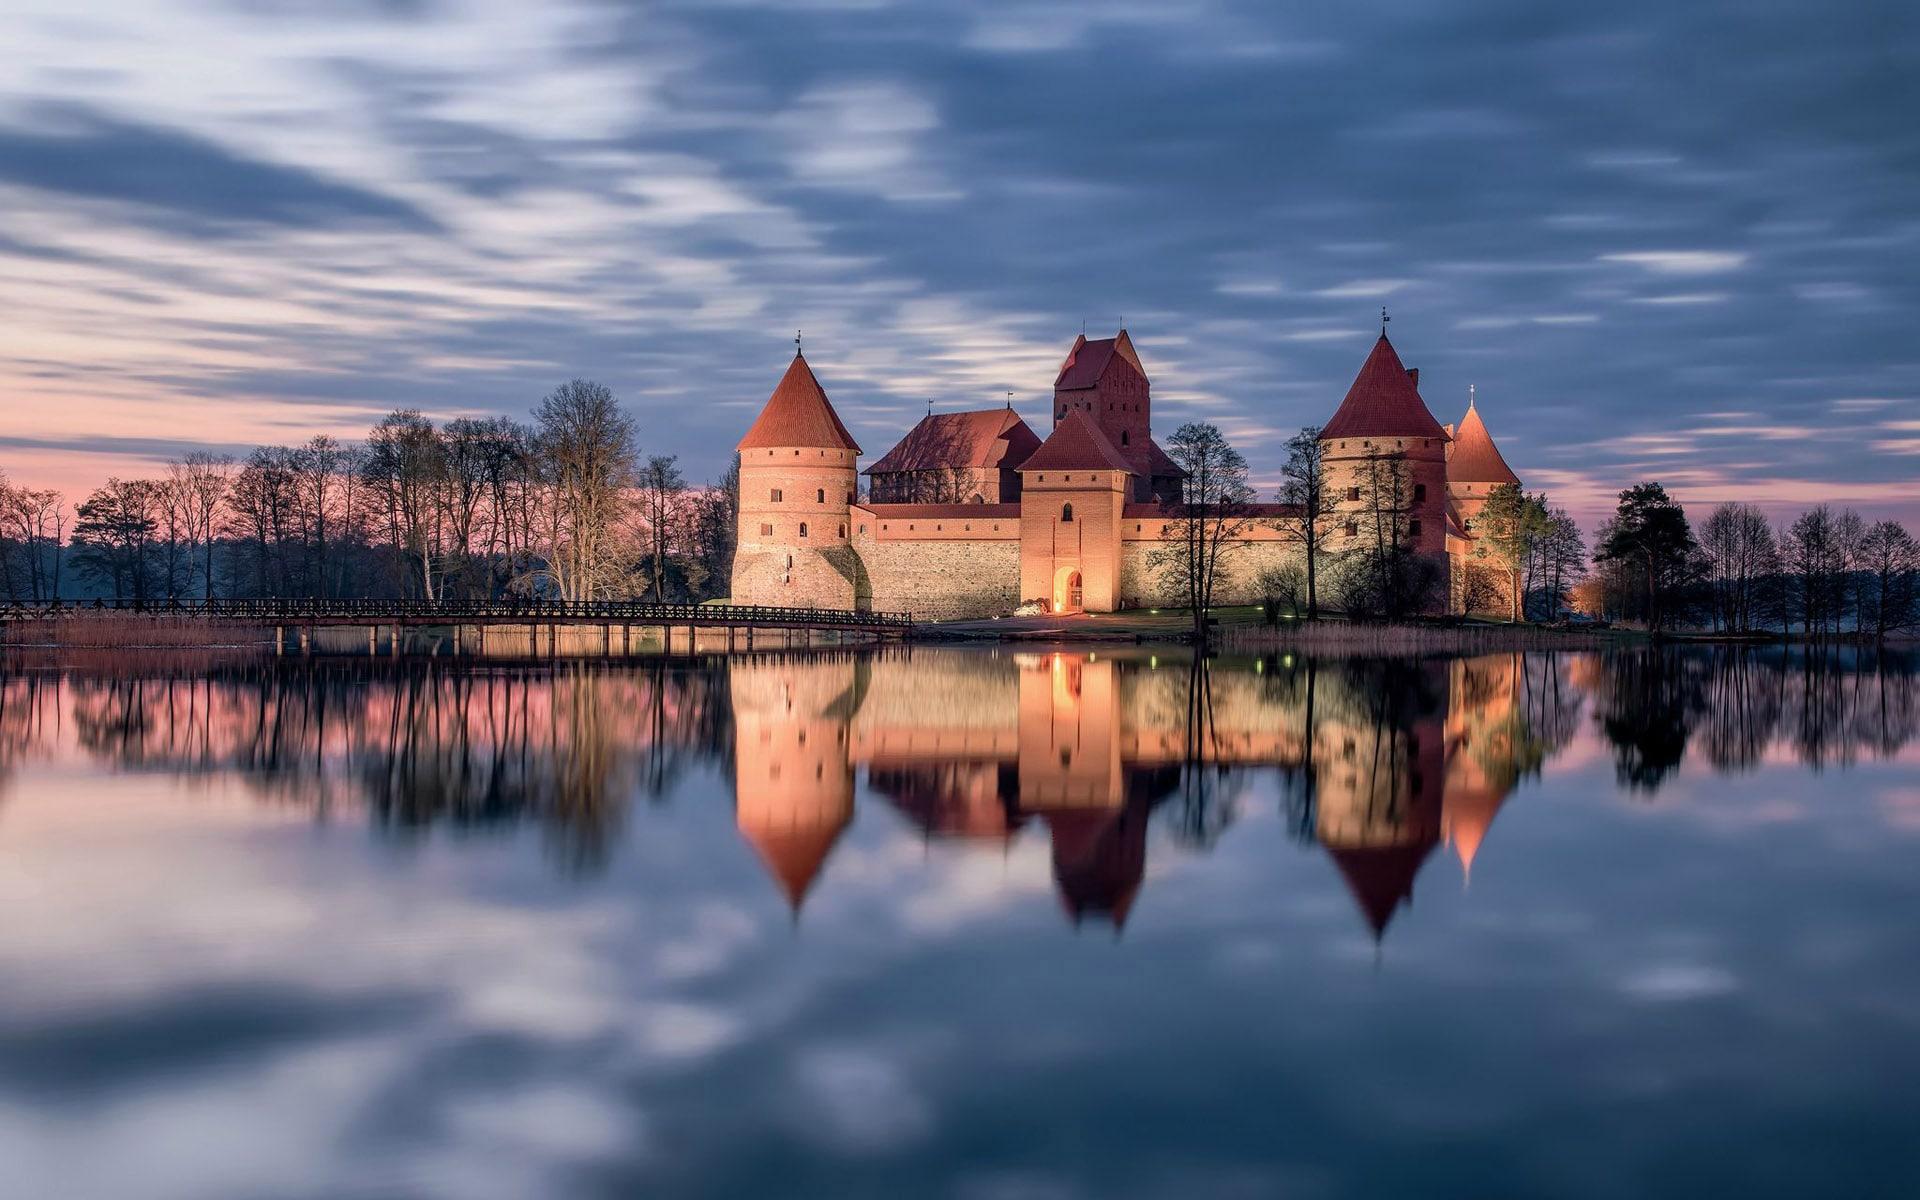 Замок в Троках - место первой встречи княжны Софьи и княжича Василия